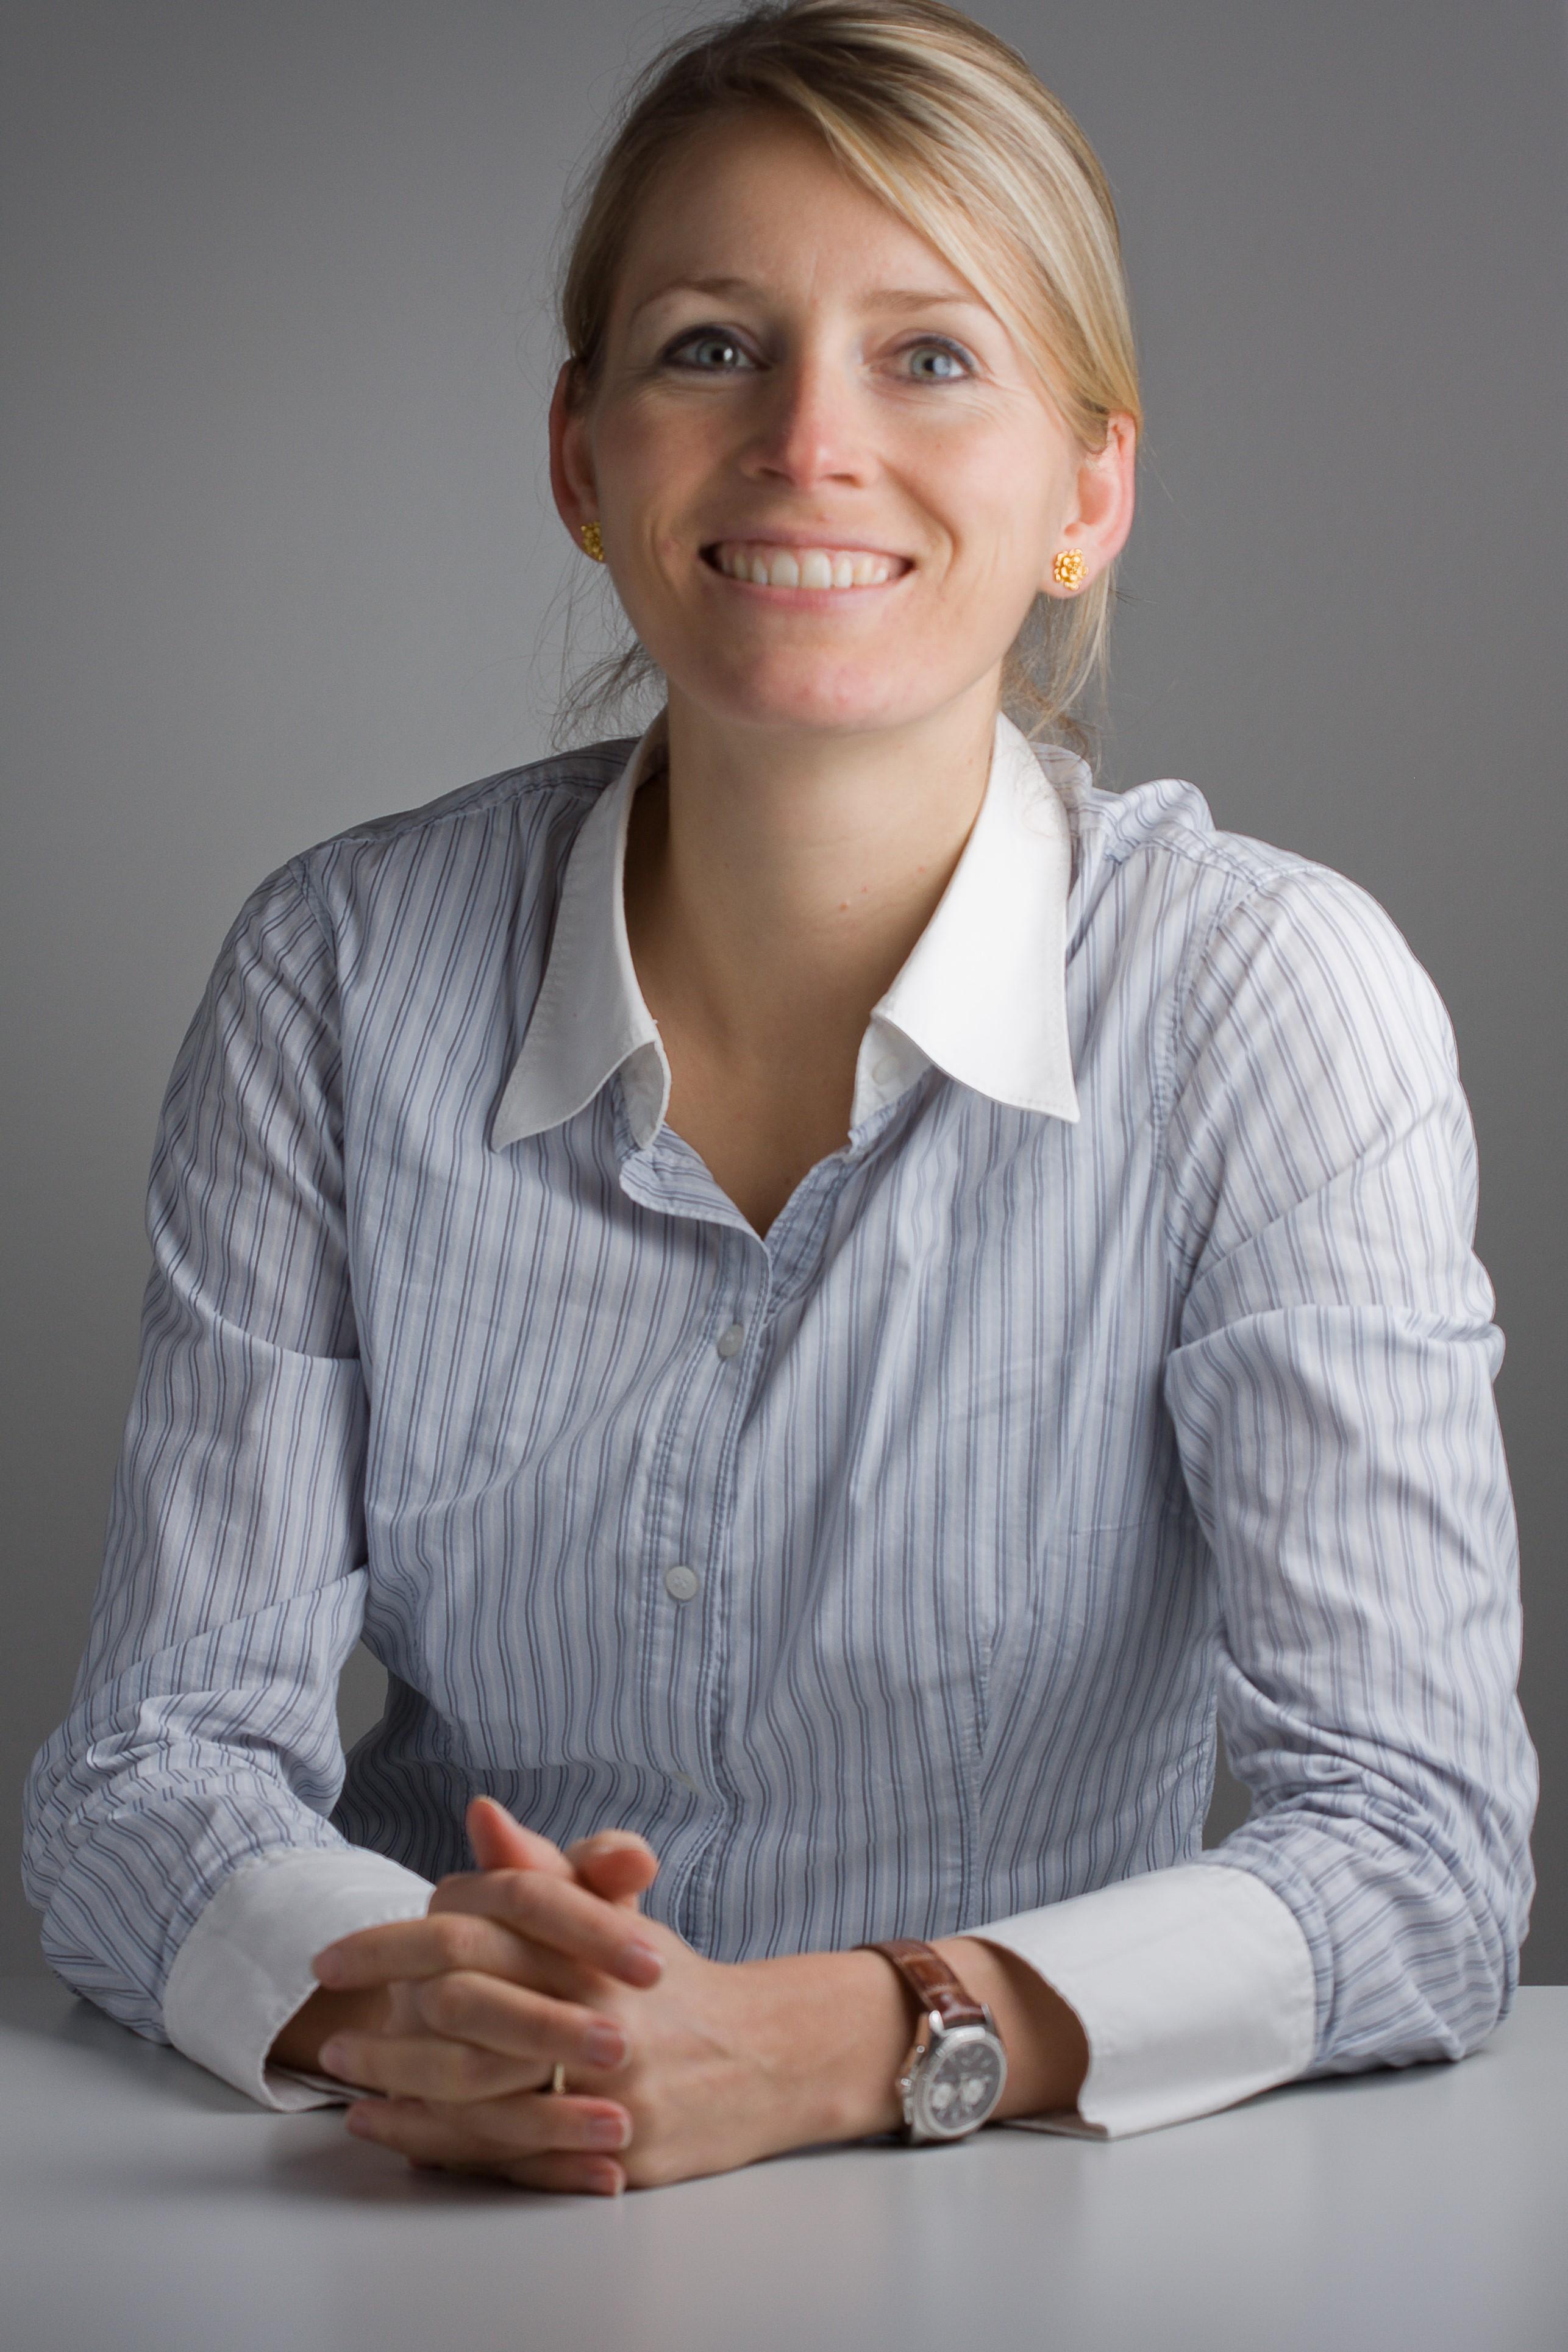 SenseFly's Andrea Halter: From Academia To The Market